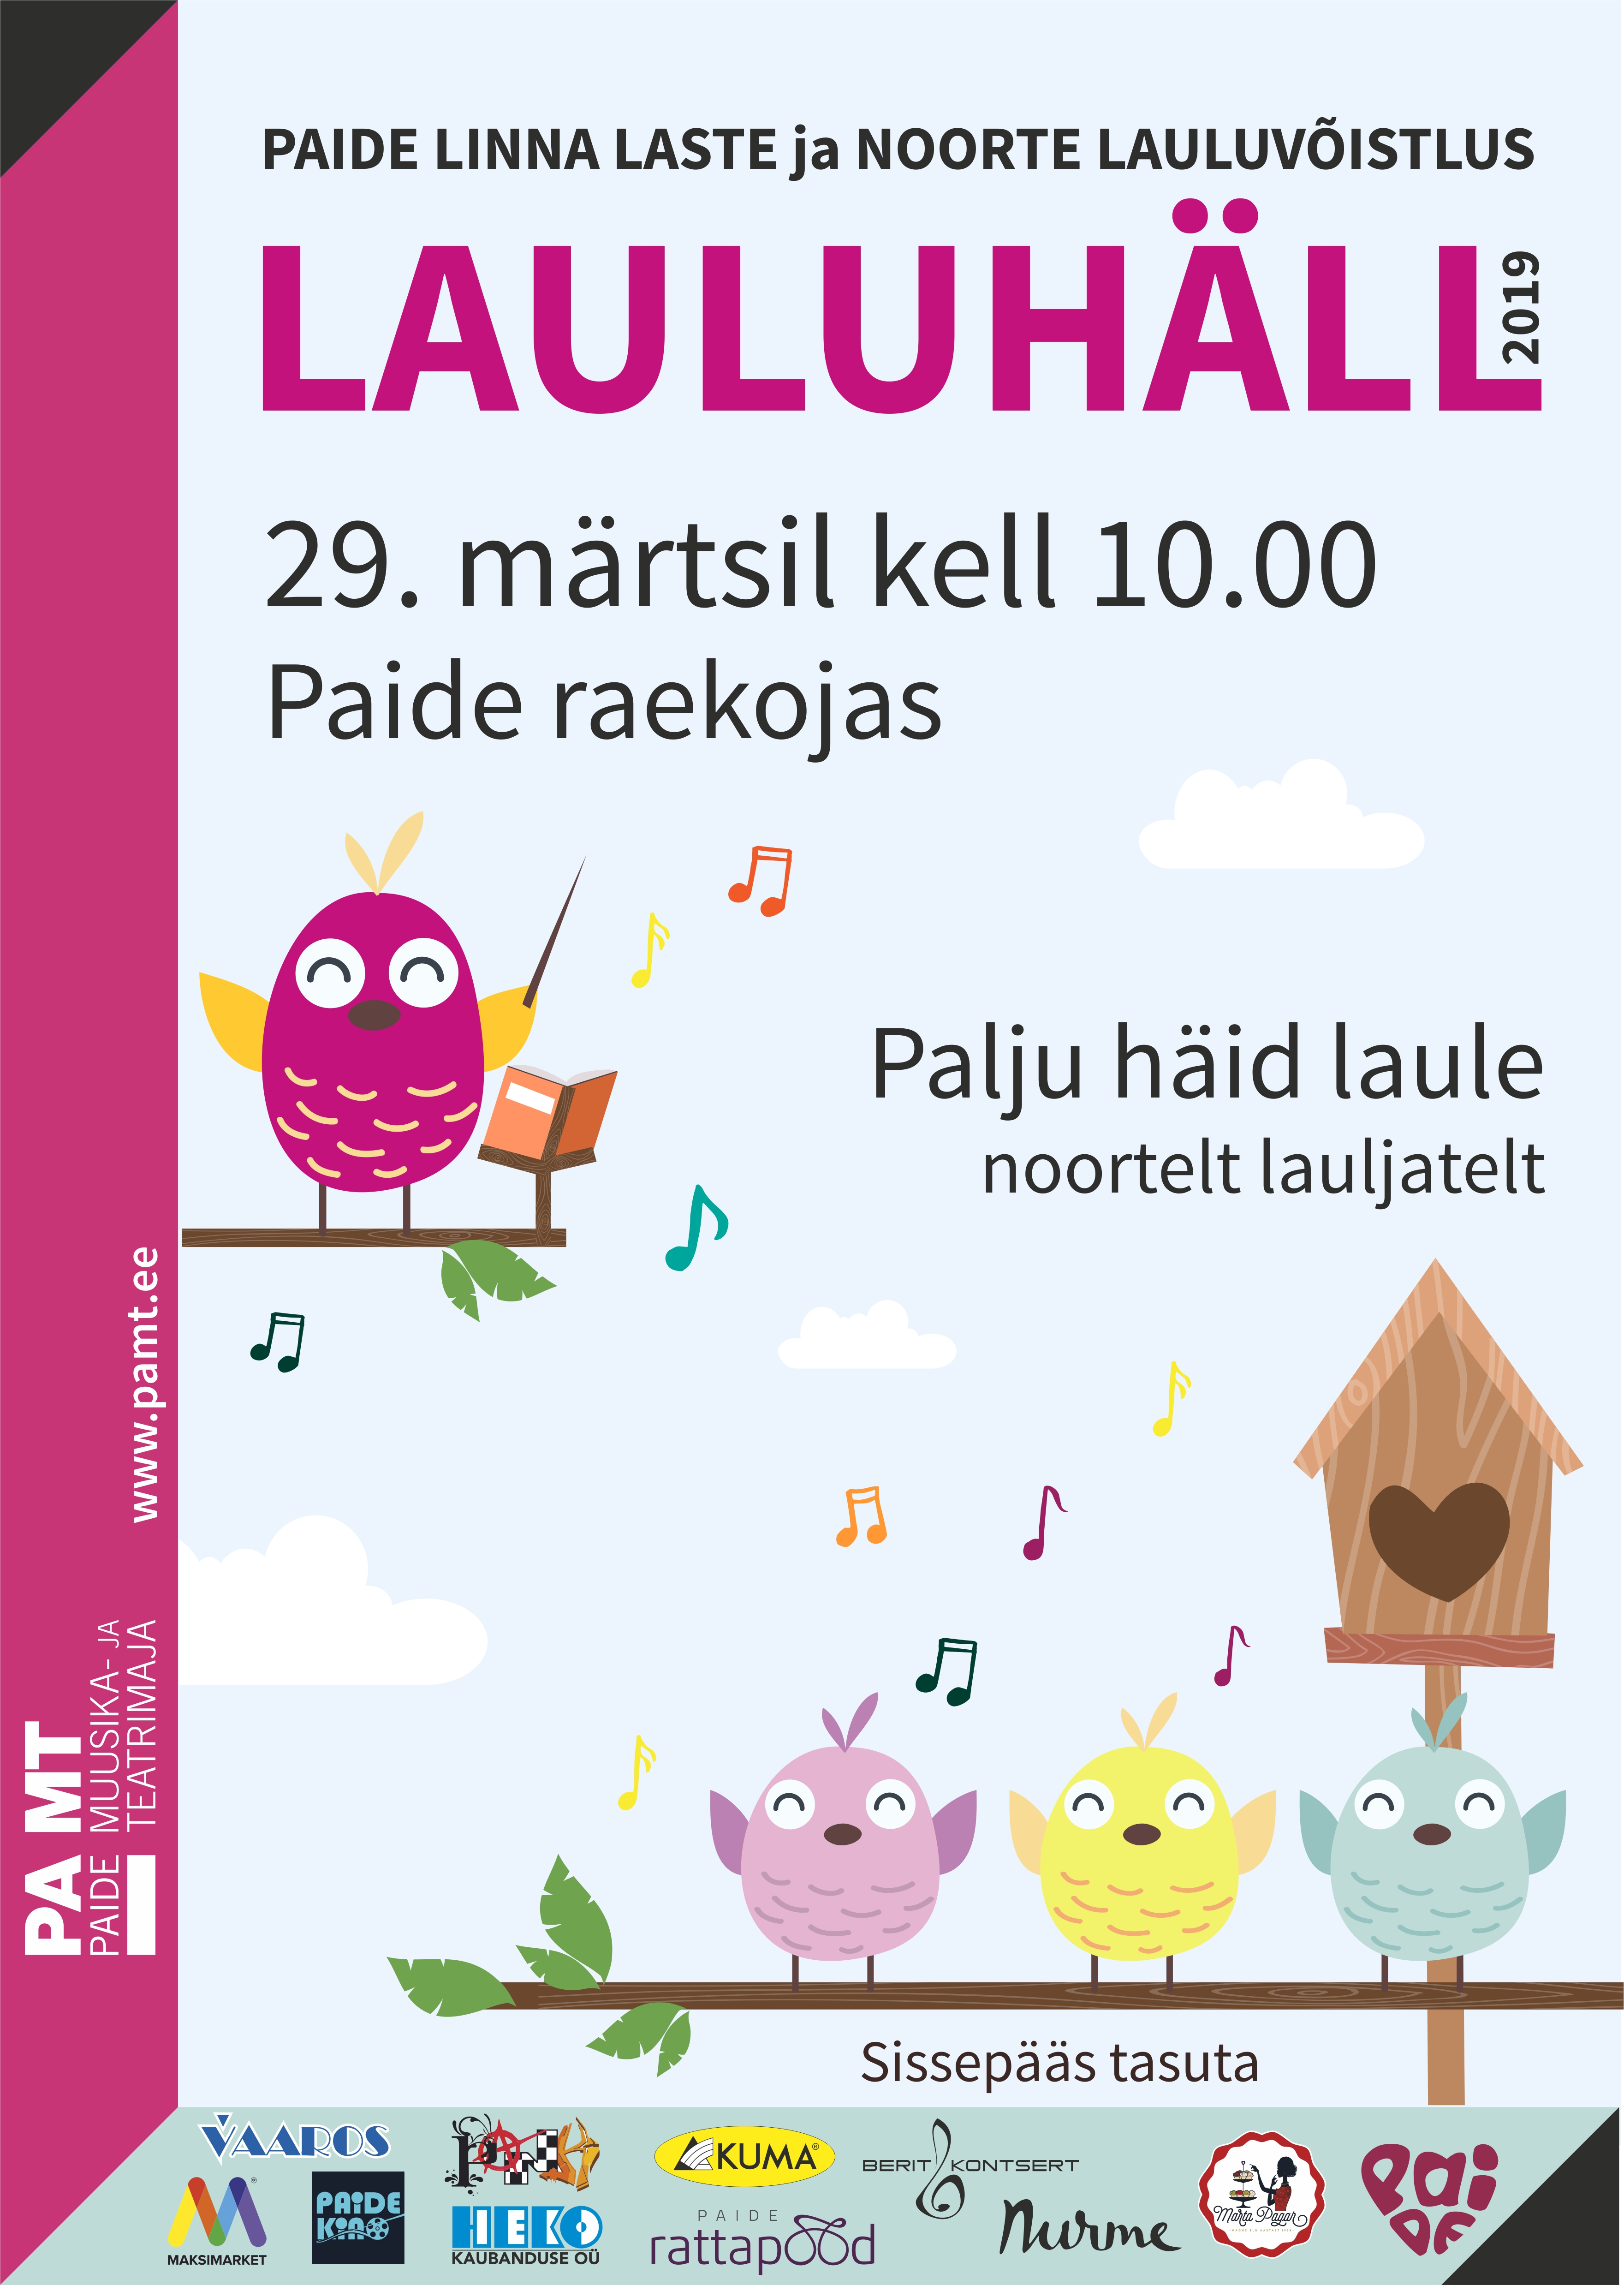 b955f39b60b Paide linna laste ja noorte lauluvõistlus LAULUHÄLL